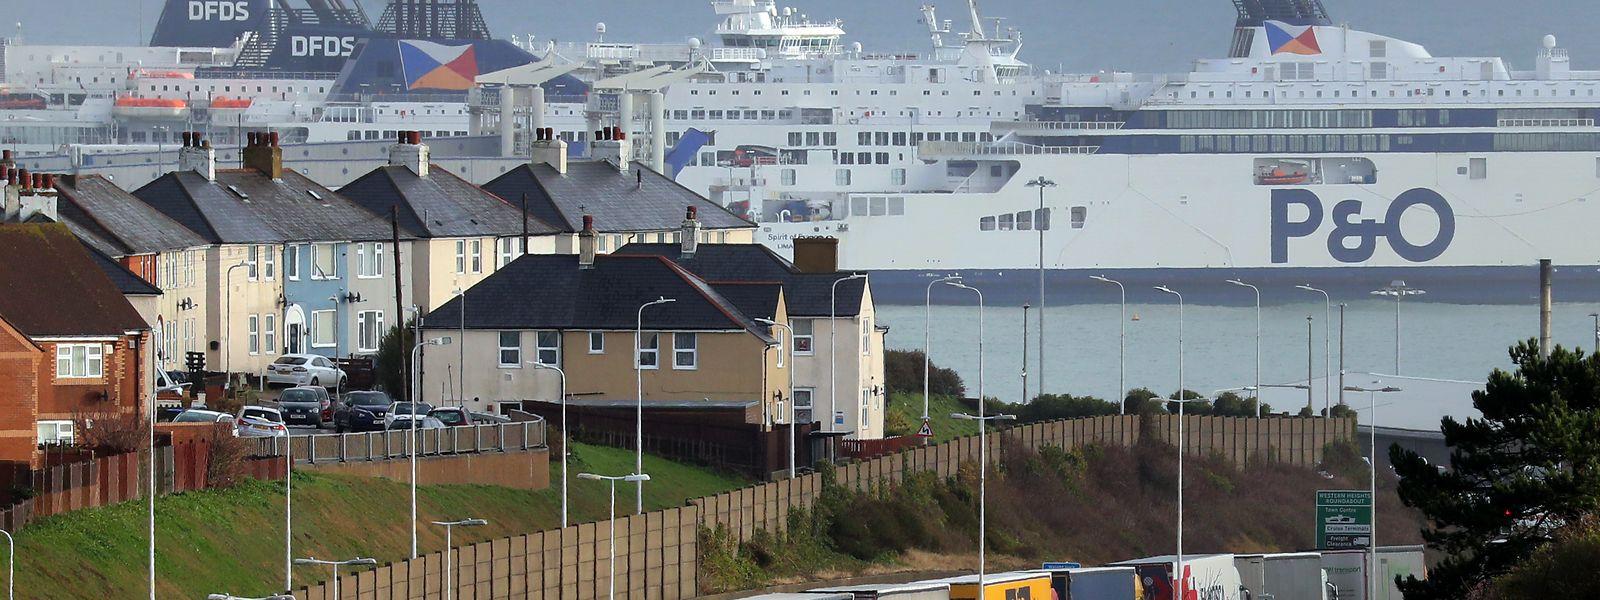 Bei Dover stauen sich die Lastwagen auf der A20 bei der Anfahrt zum Hafen.